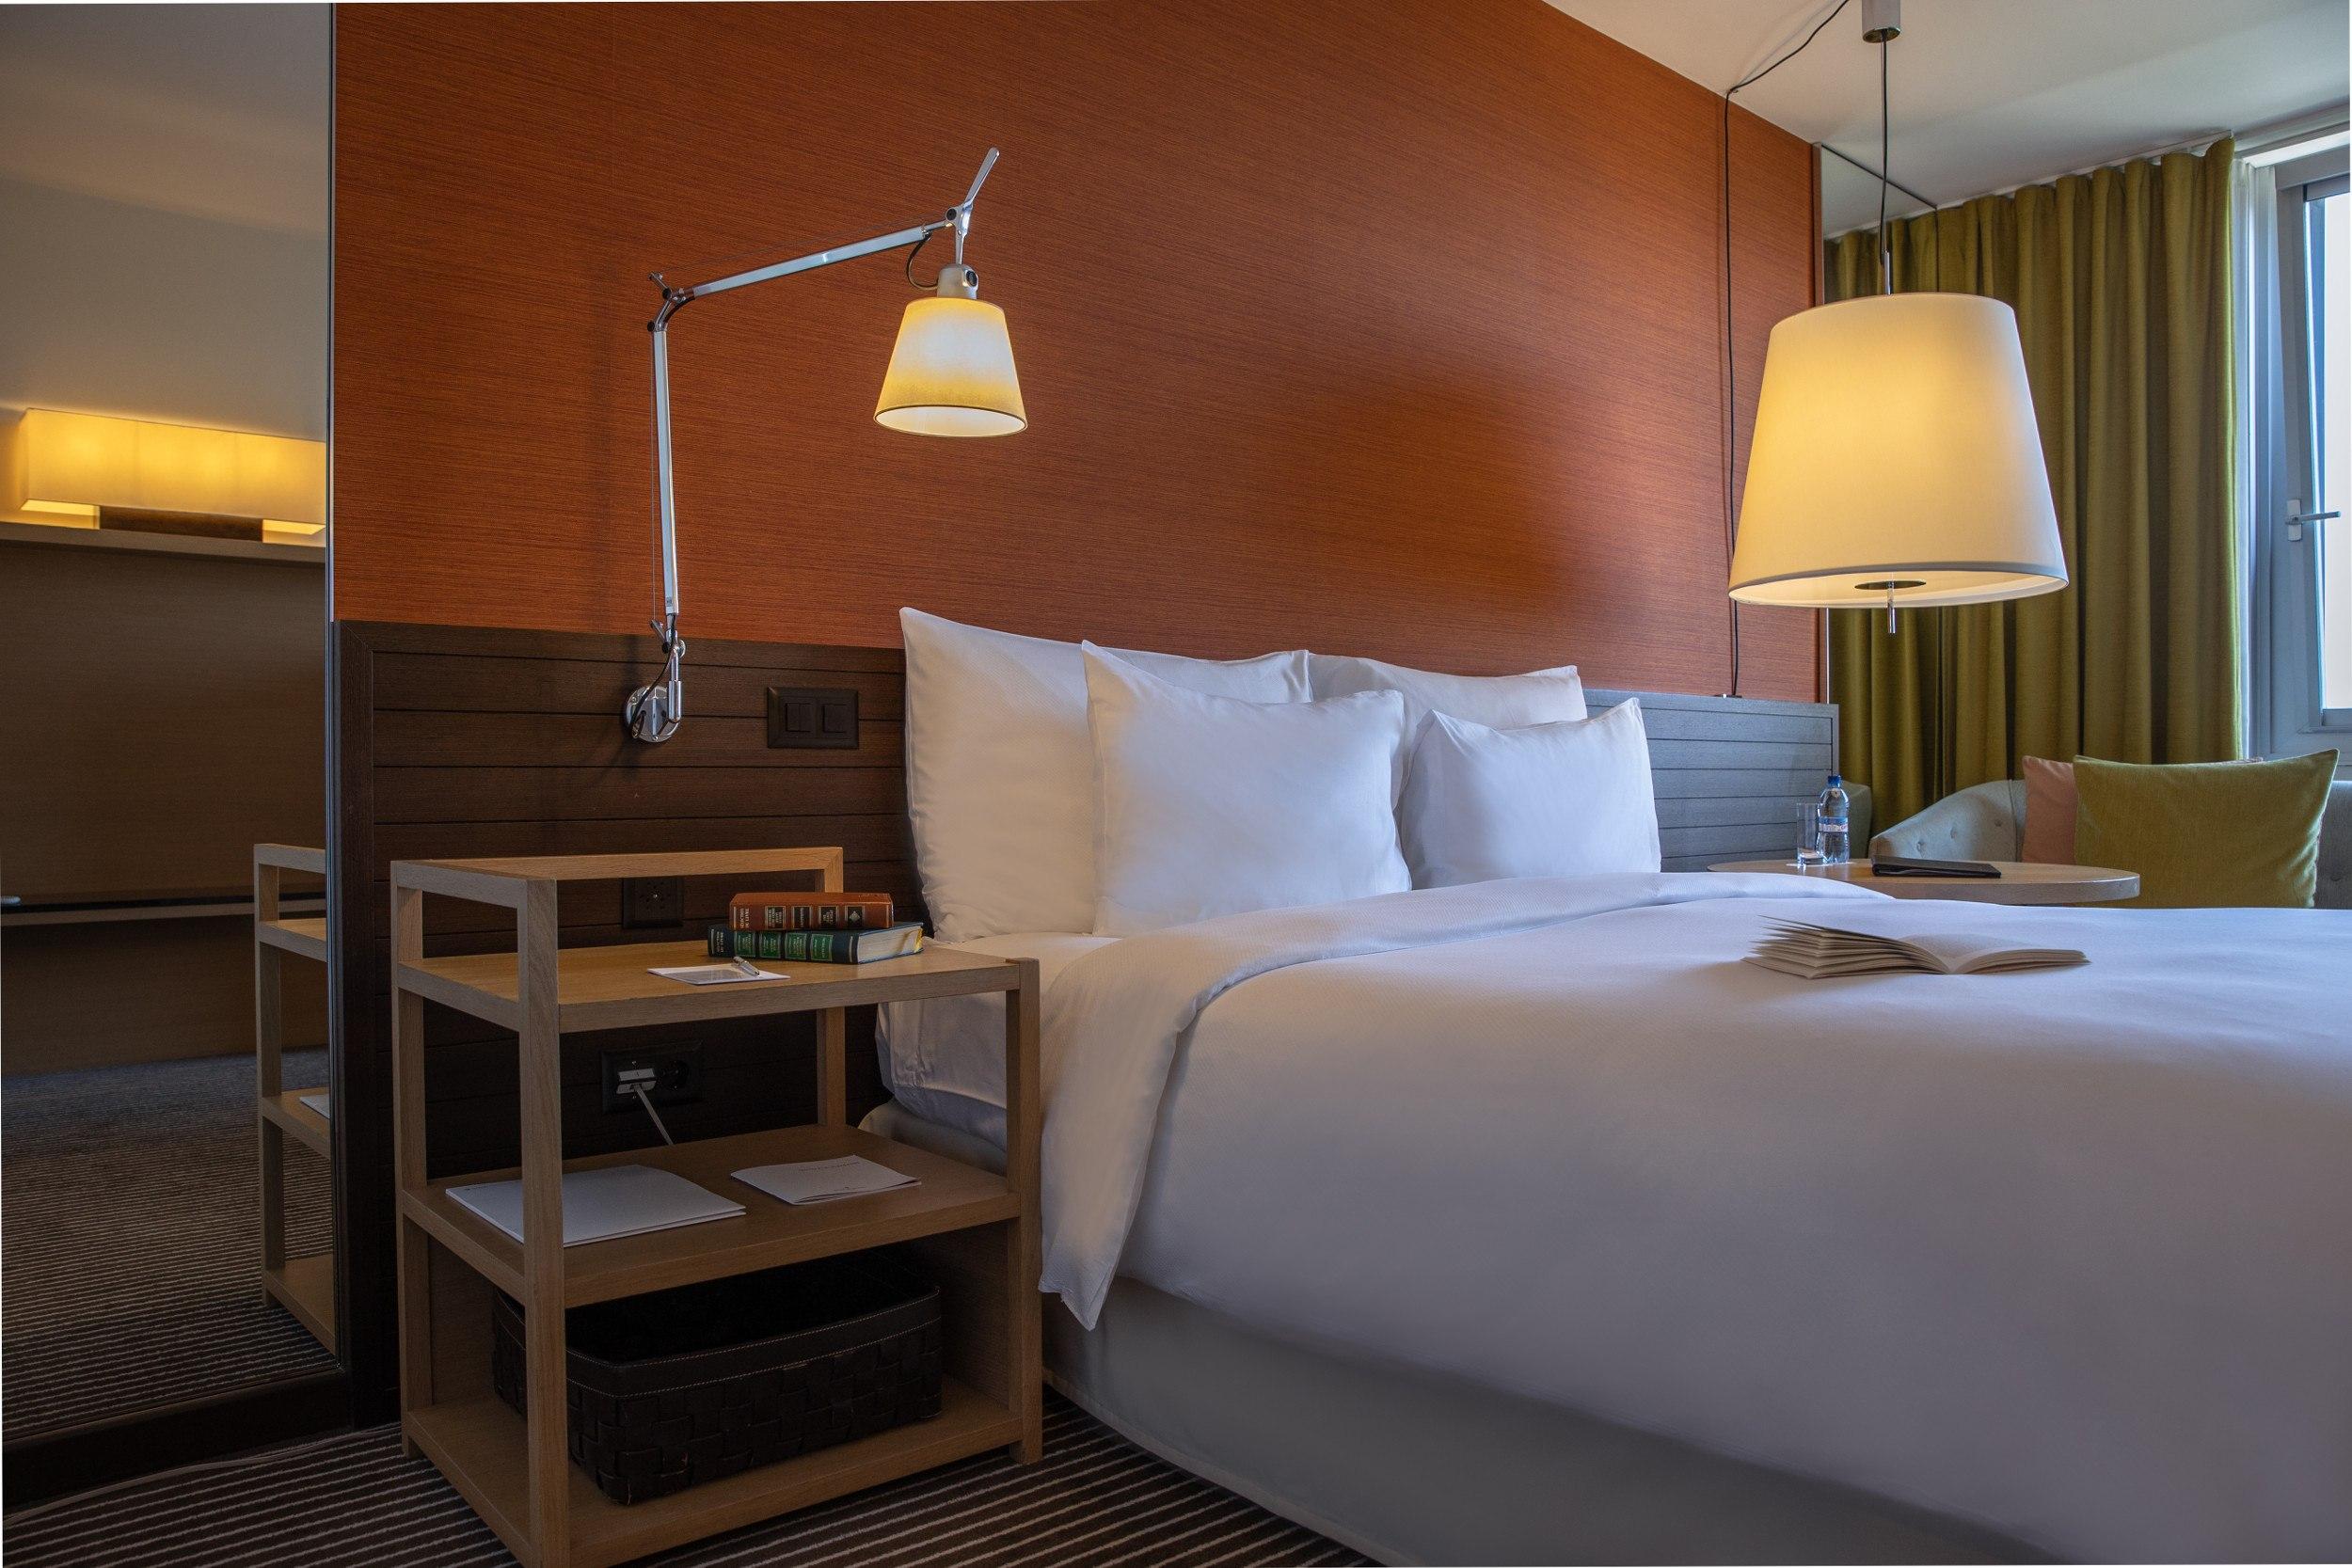 InterContinental-Geneva-Hotel-Deluxe-room-2